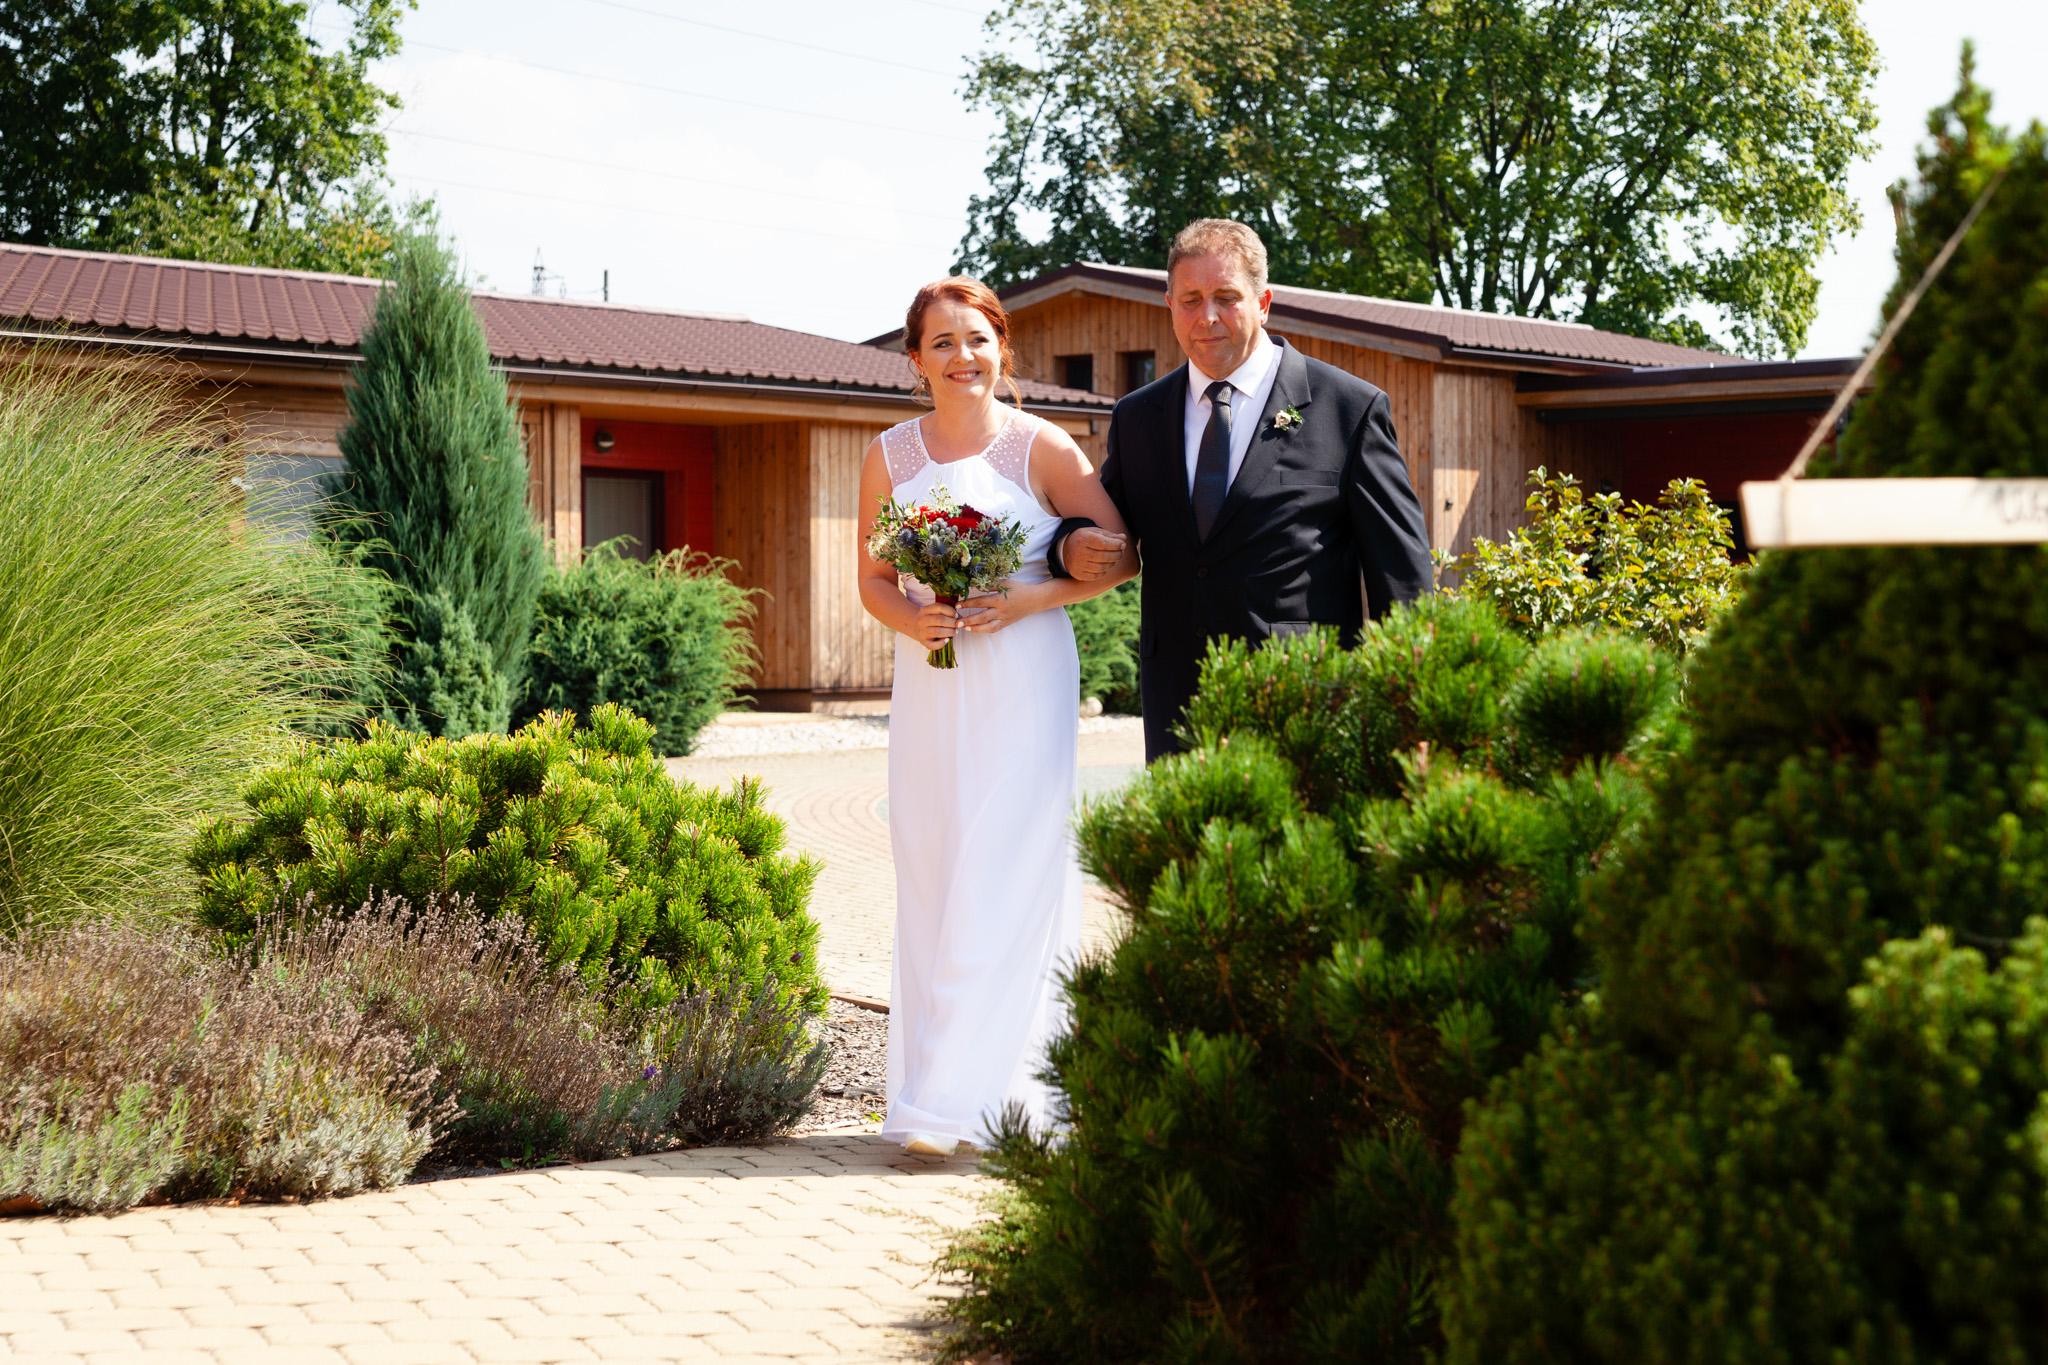 Tatínek vede nevěstu k obřadu